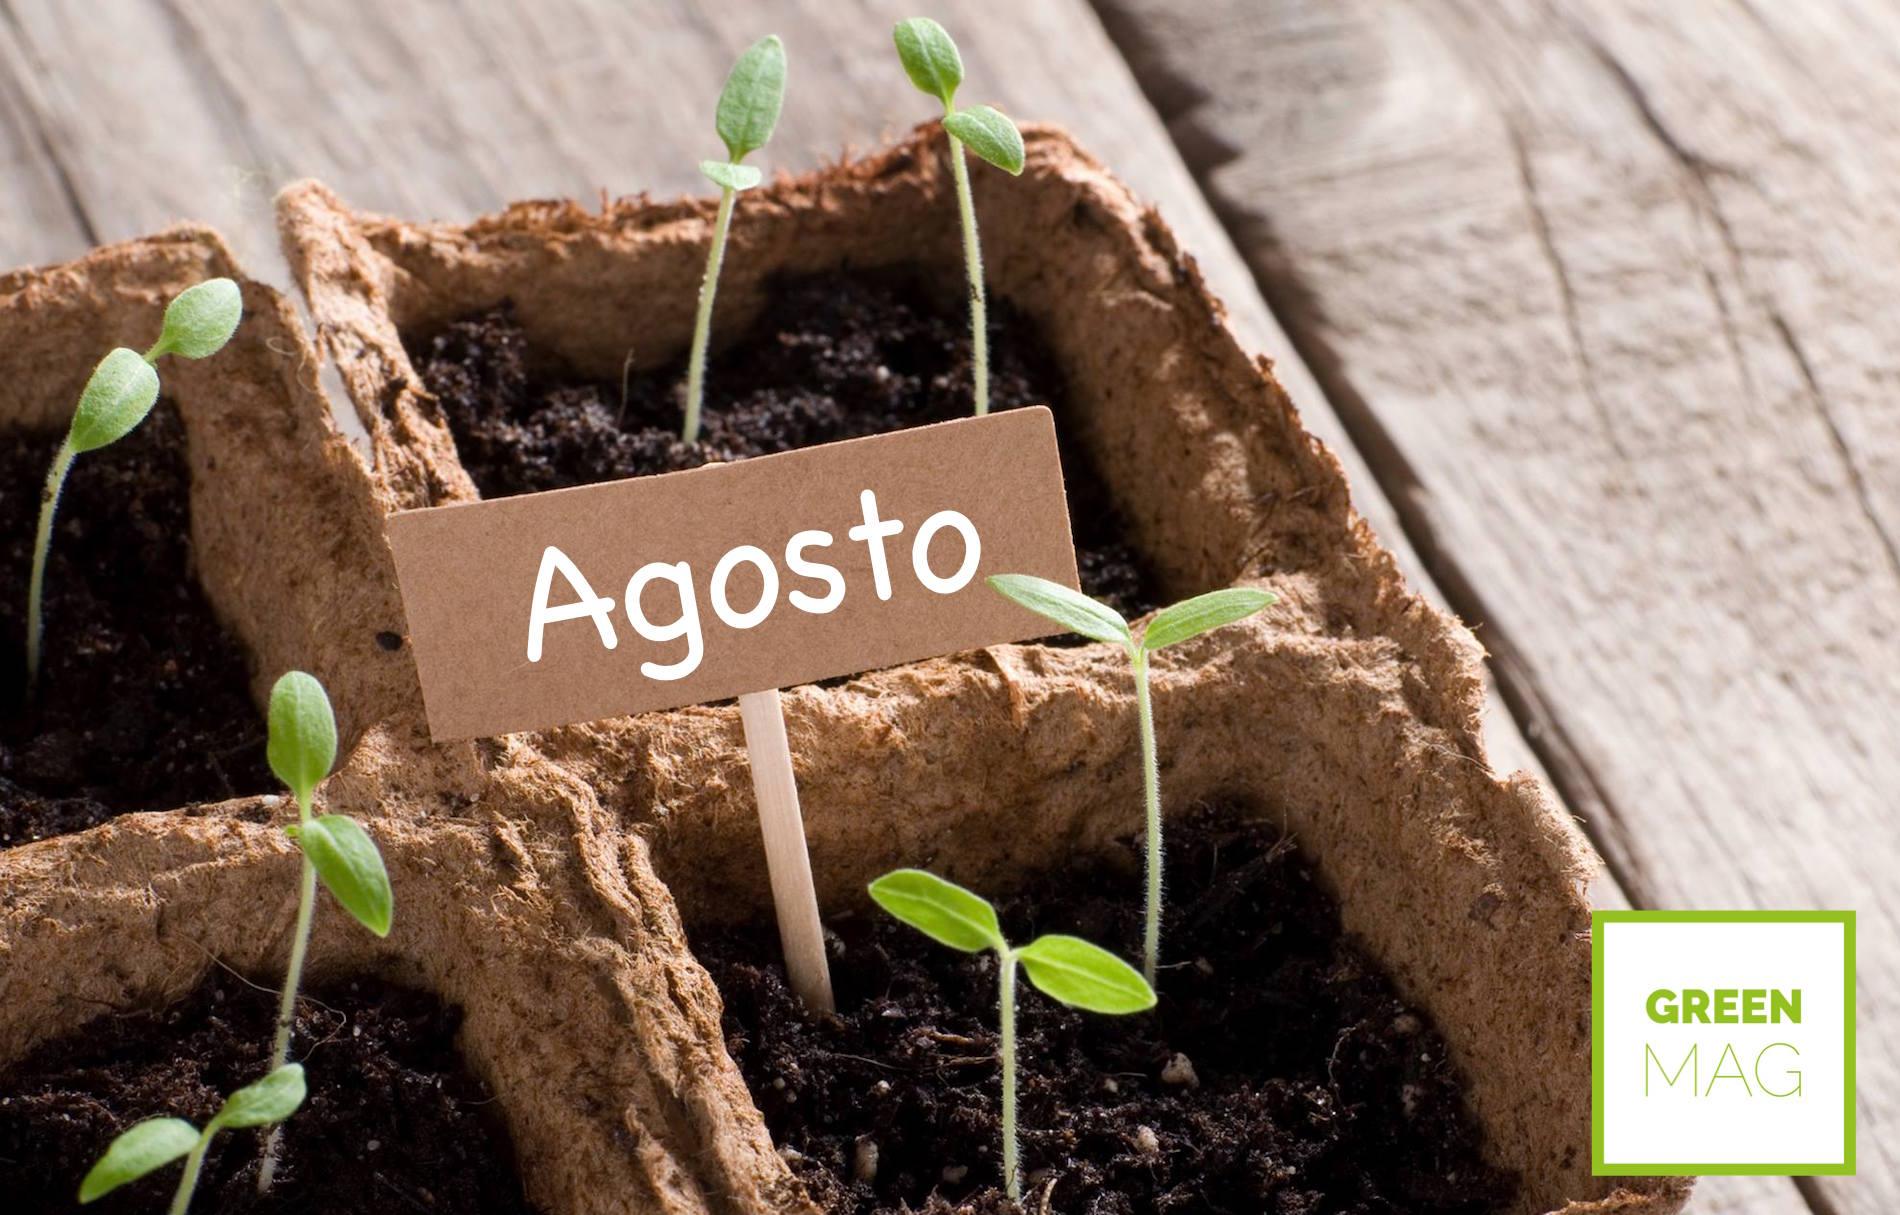 Cosa piantare ad agosto green mag for Cosa piantare nell orto adesso